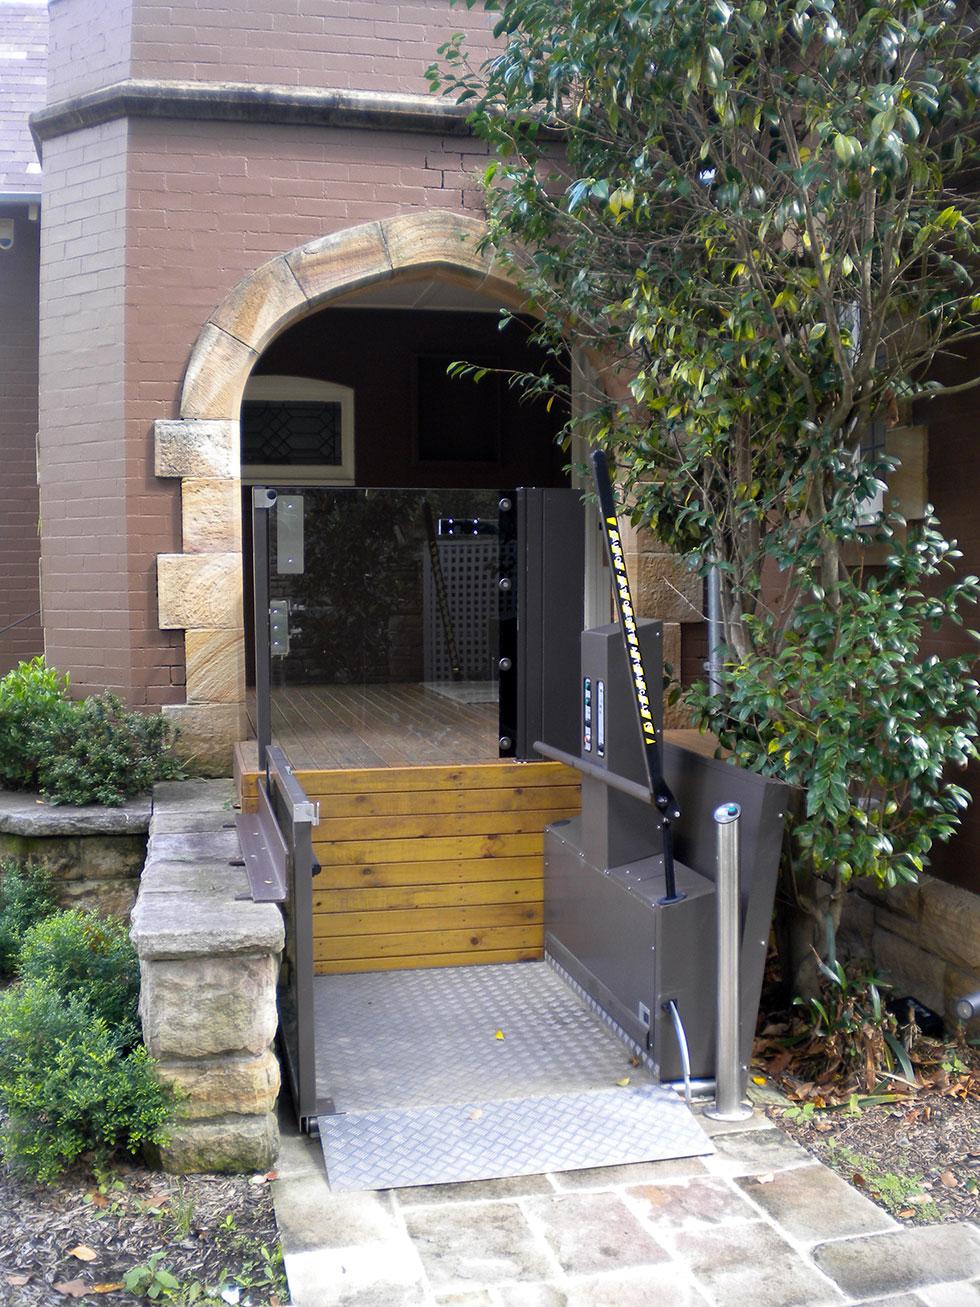 Ascensa-Platform-Wheelchair-lift-parramatta